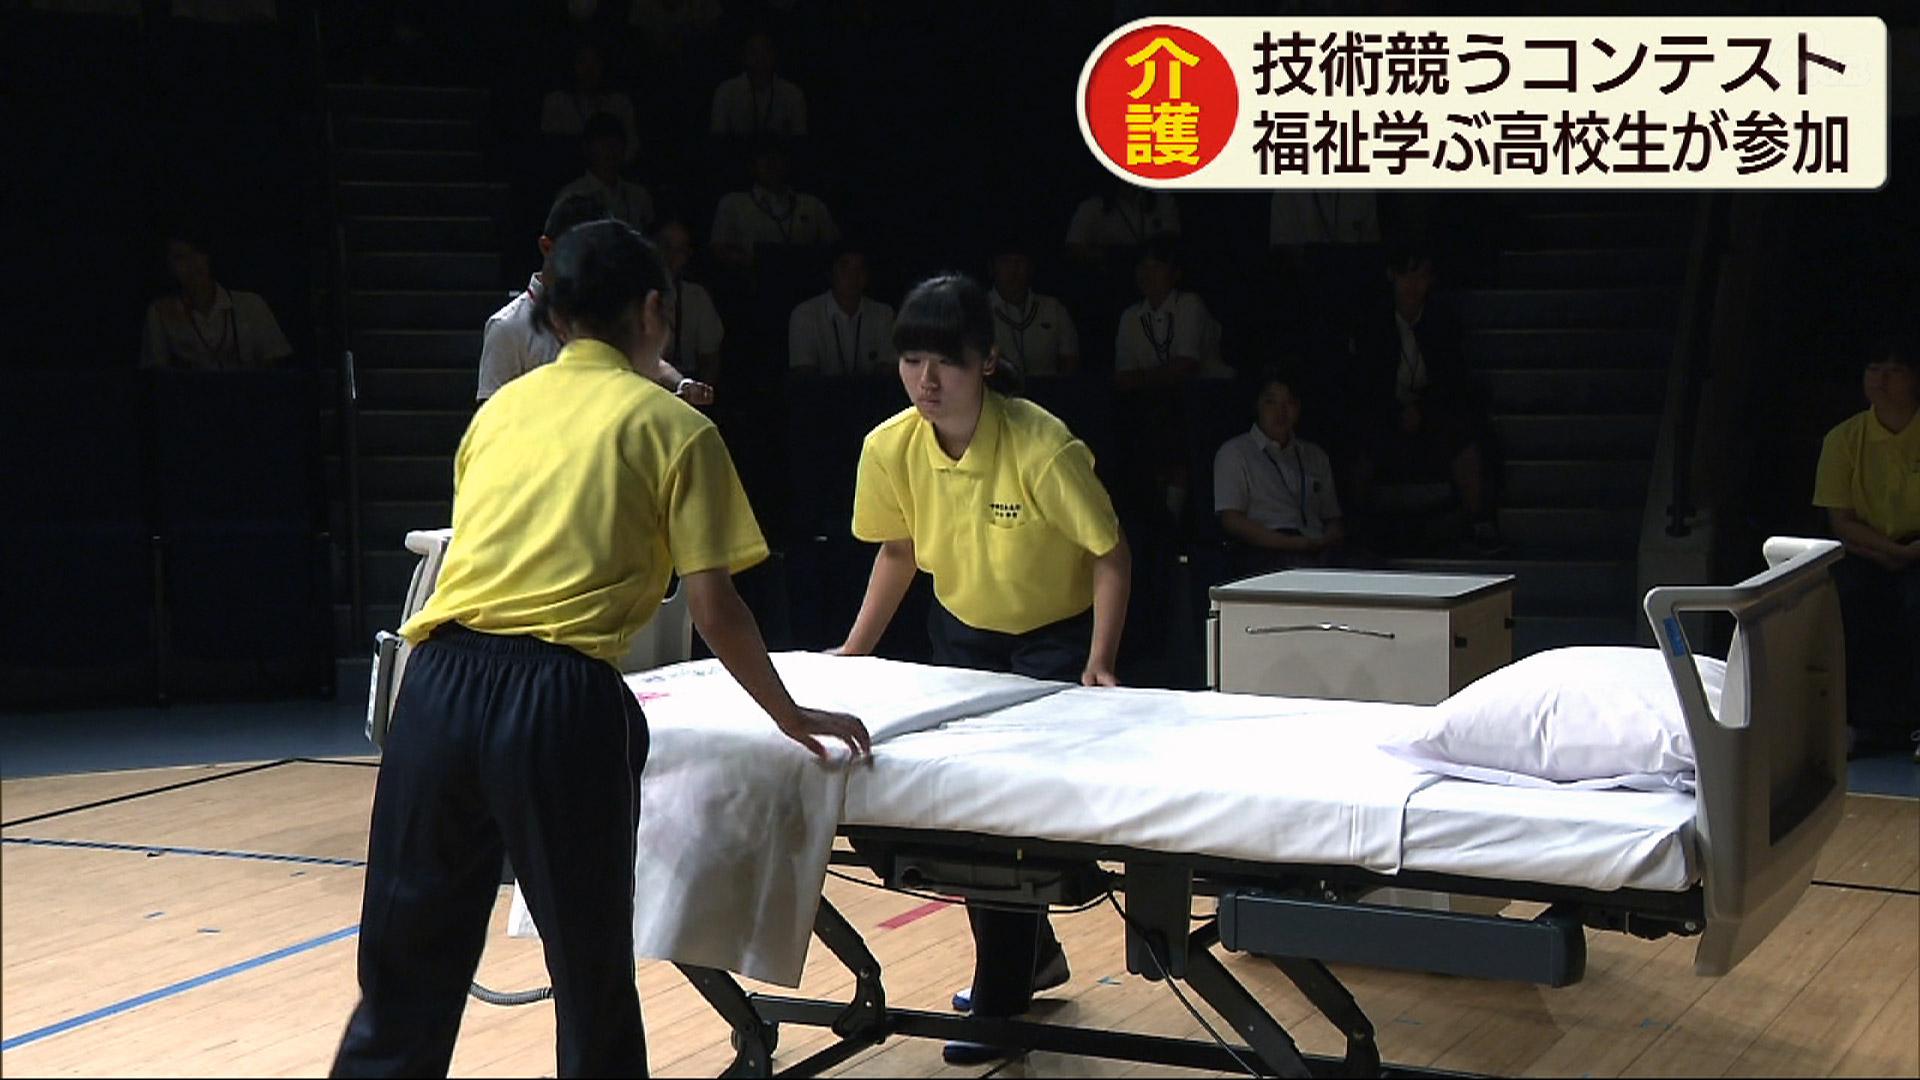 高校生介護技術コンテスト 真和志高校が最優秀